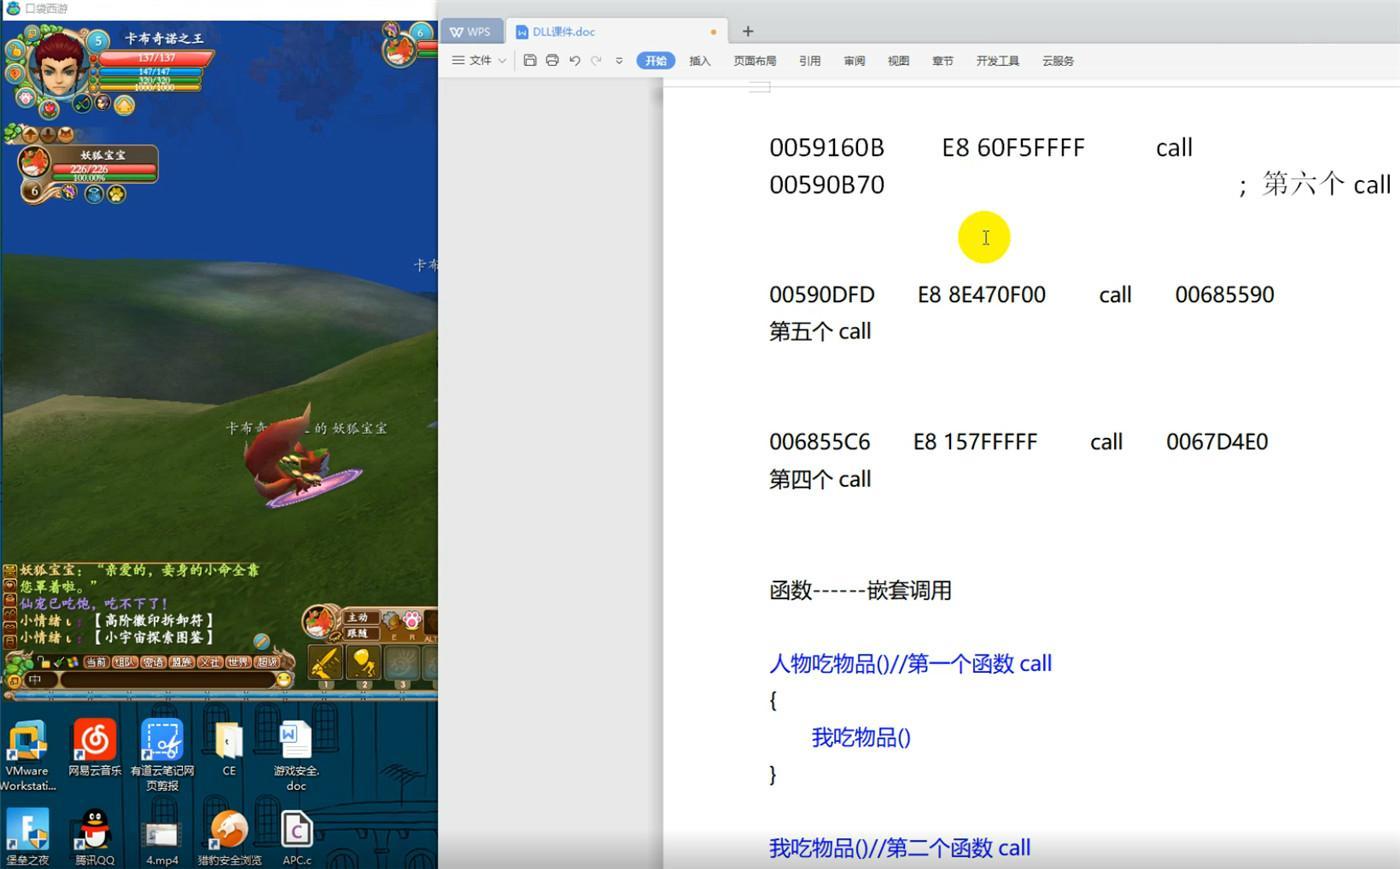 游戏安全逆向工程师 : FPS逆向